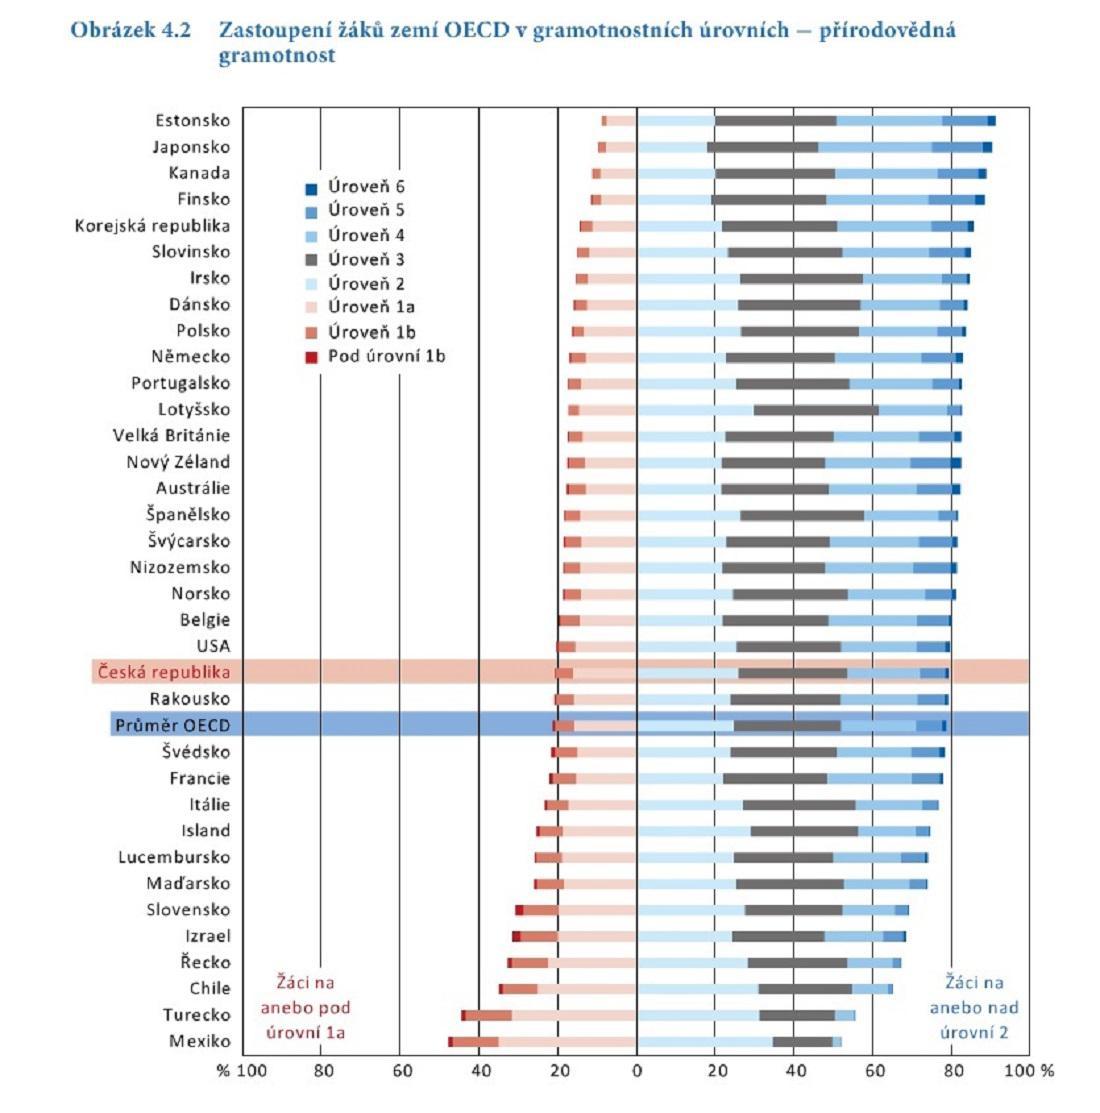 Srovnání zemí OECD